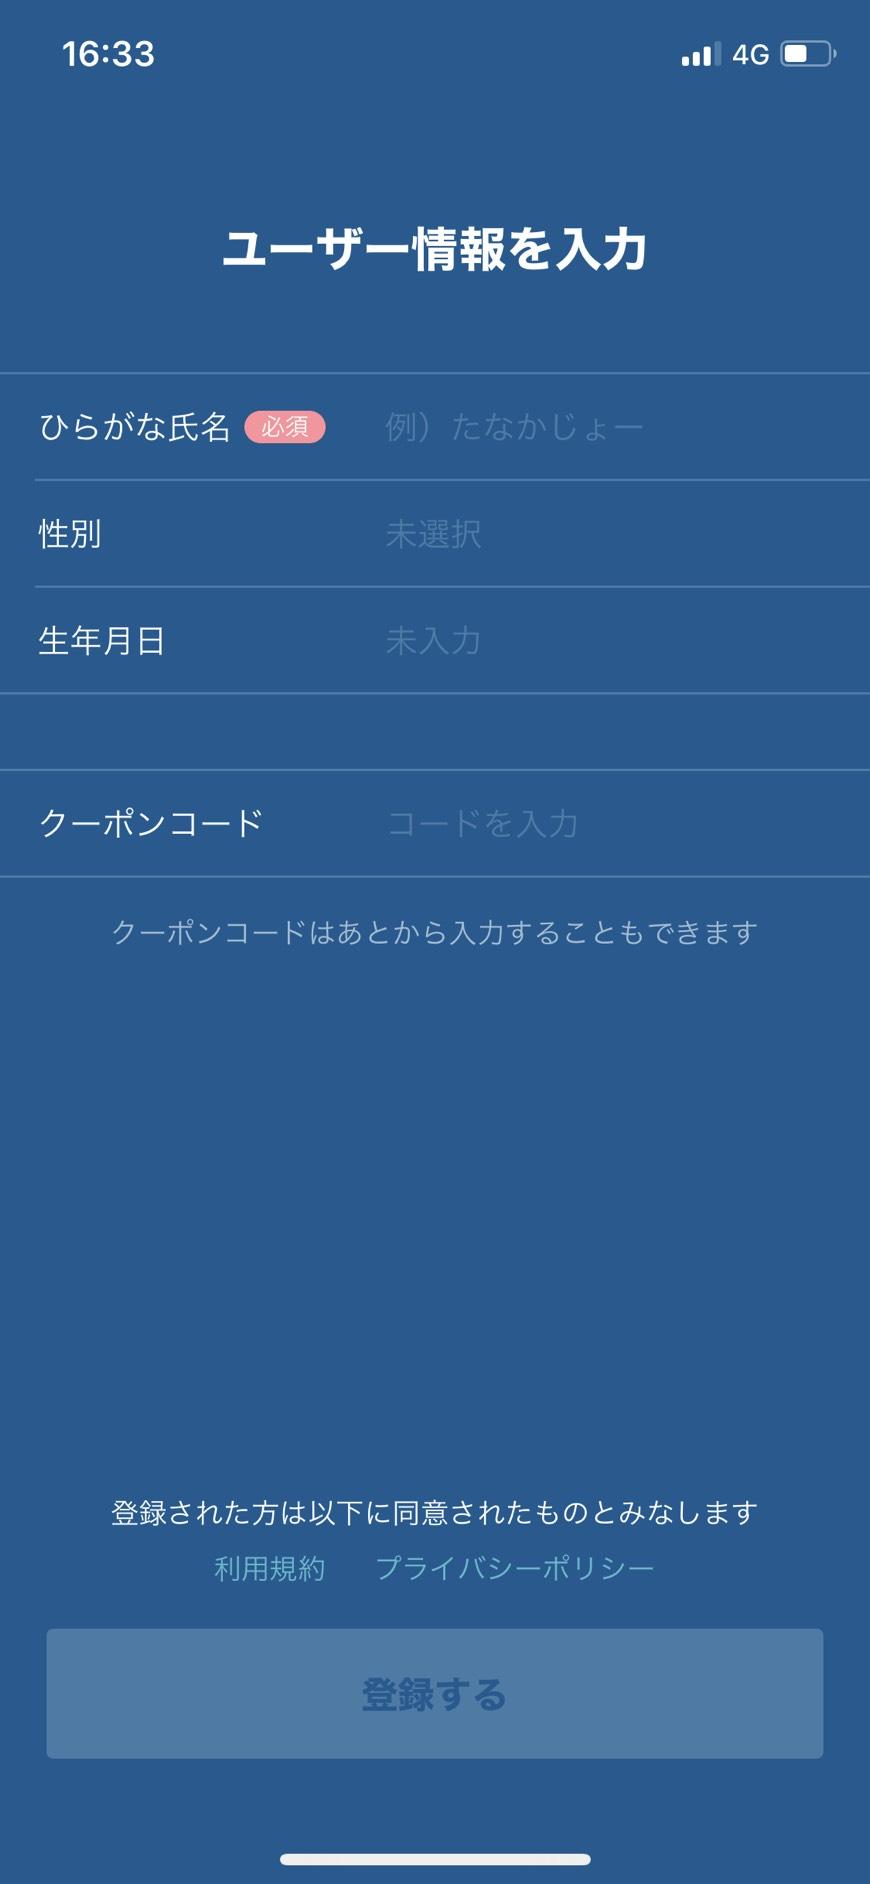 MOVタクシーアプリにユーザー情報とクーポンコードを入力